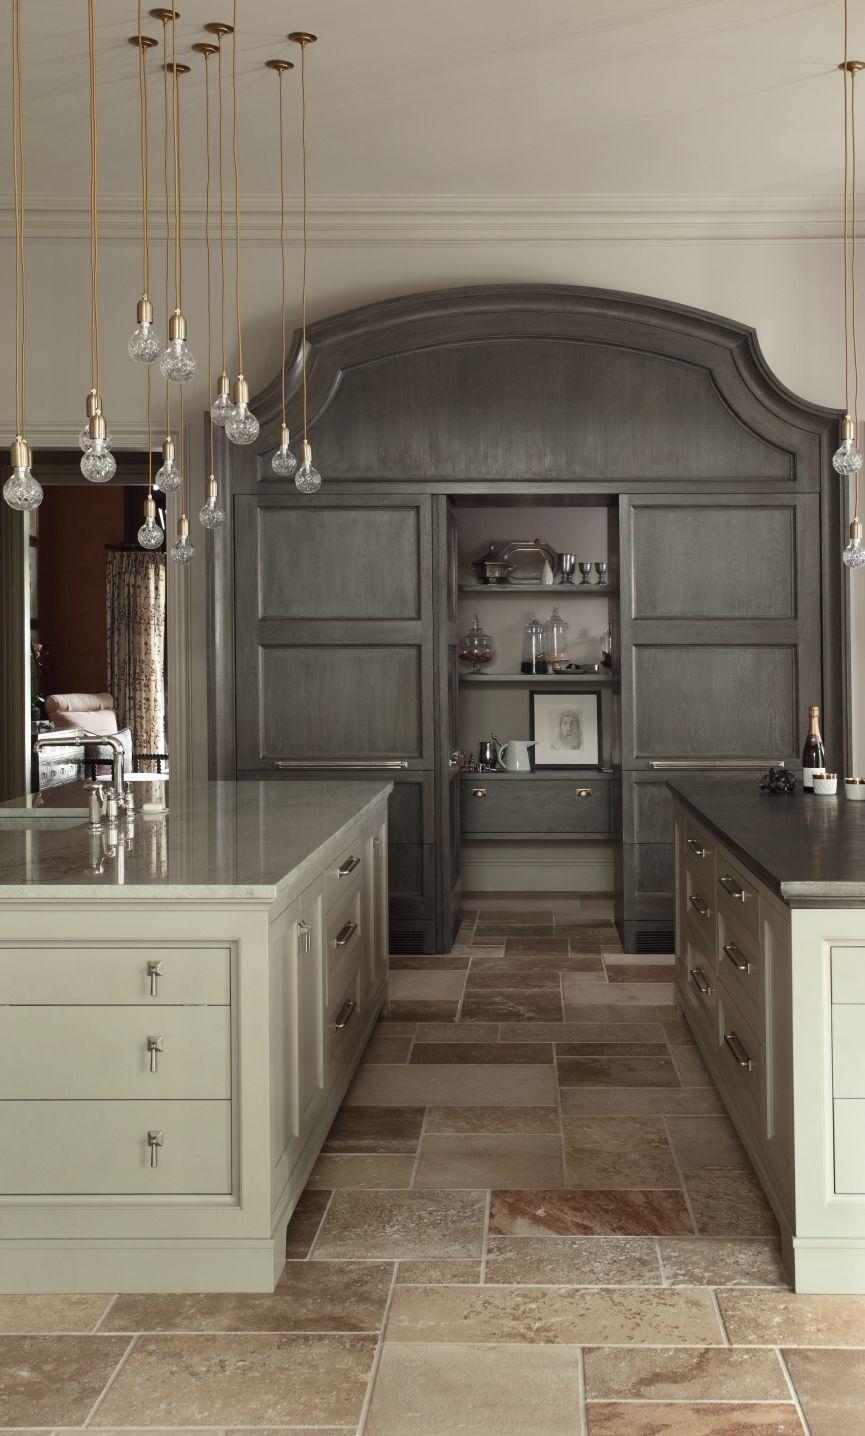 18 schöne Beispiele für Küchenfliesen #18 #schöne #Beispiele #für ...